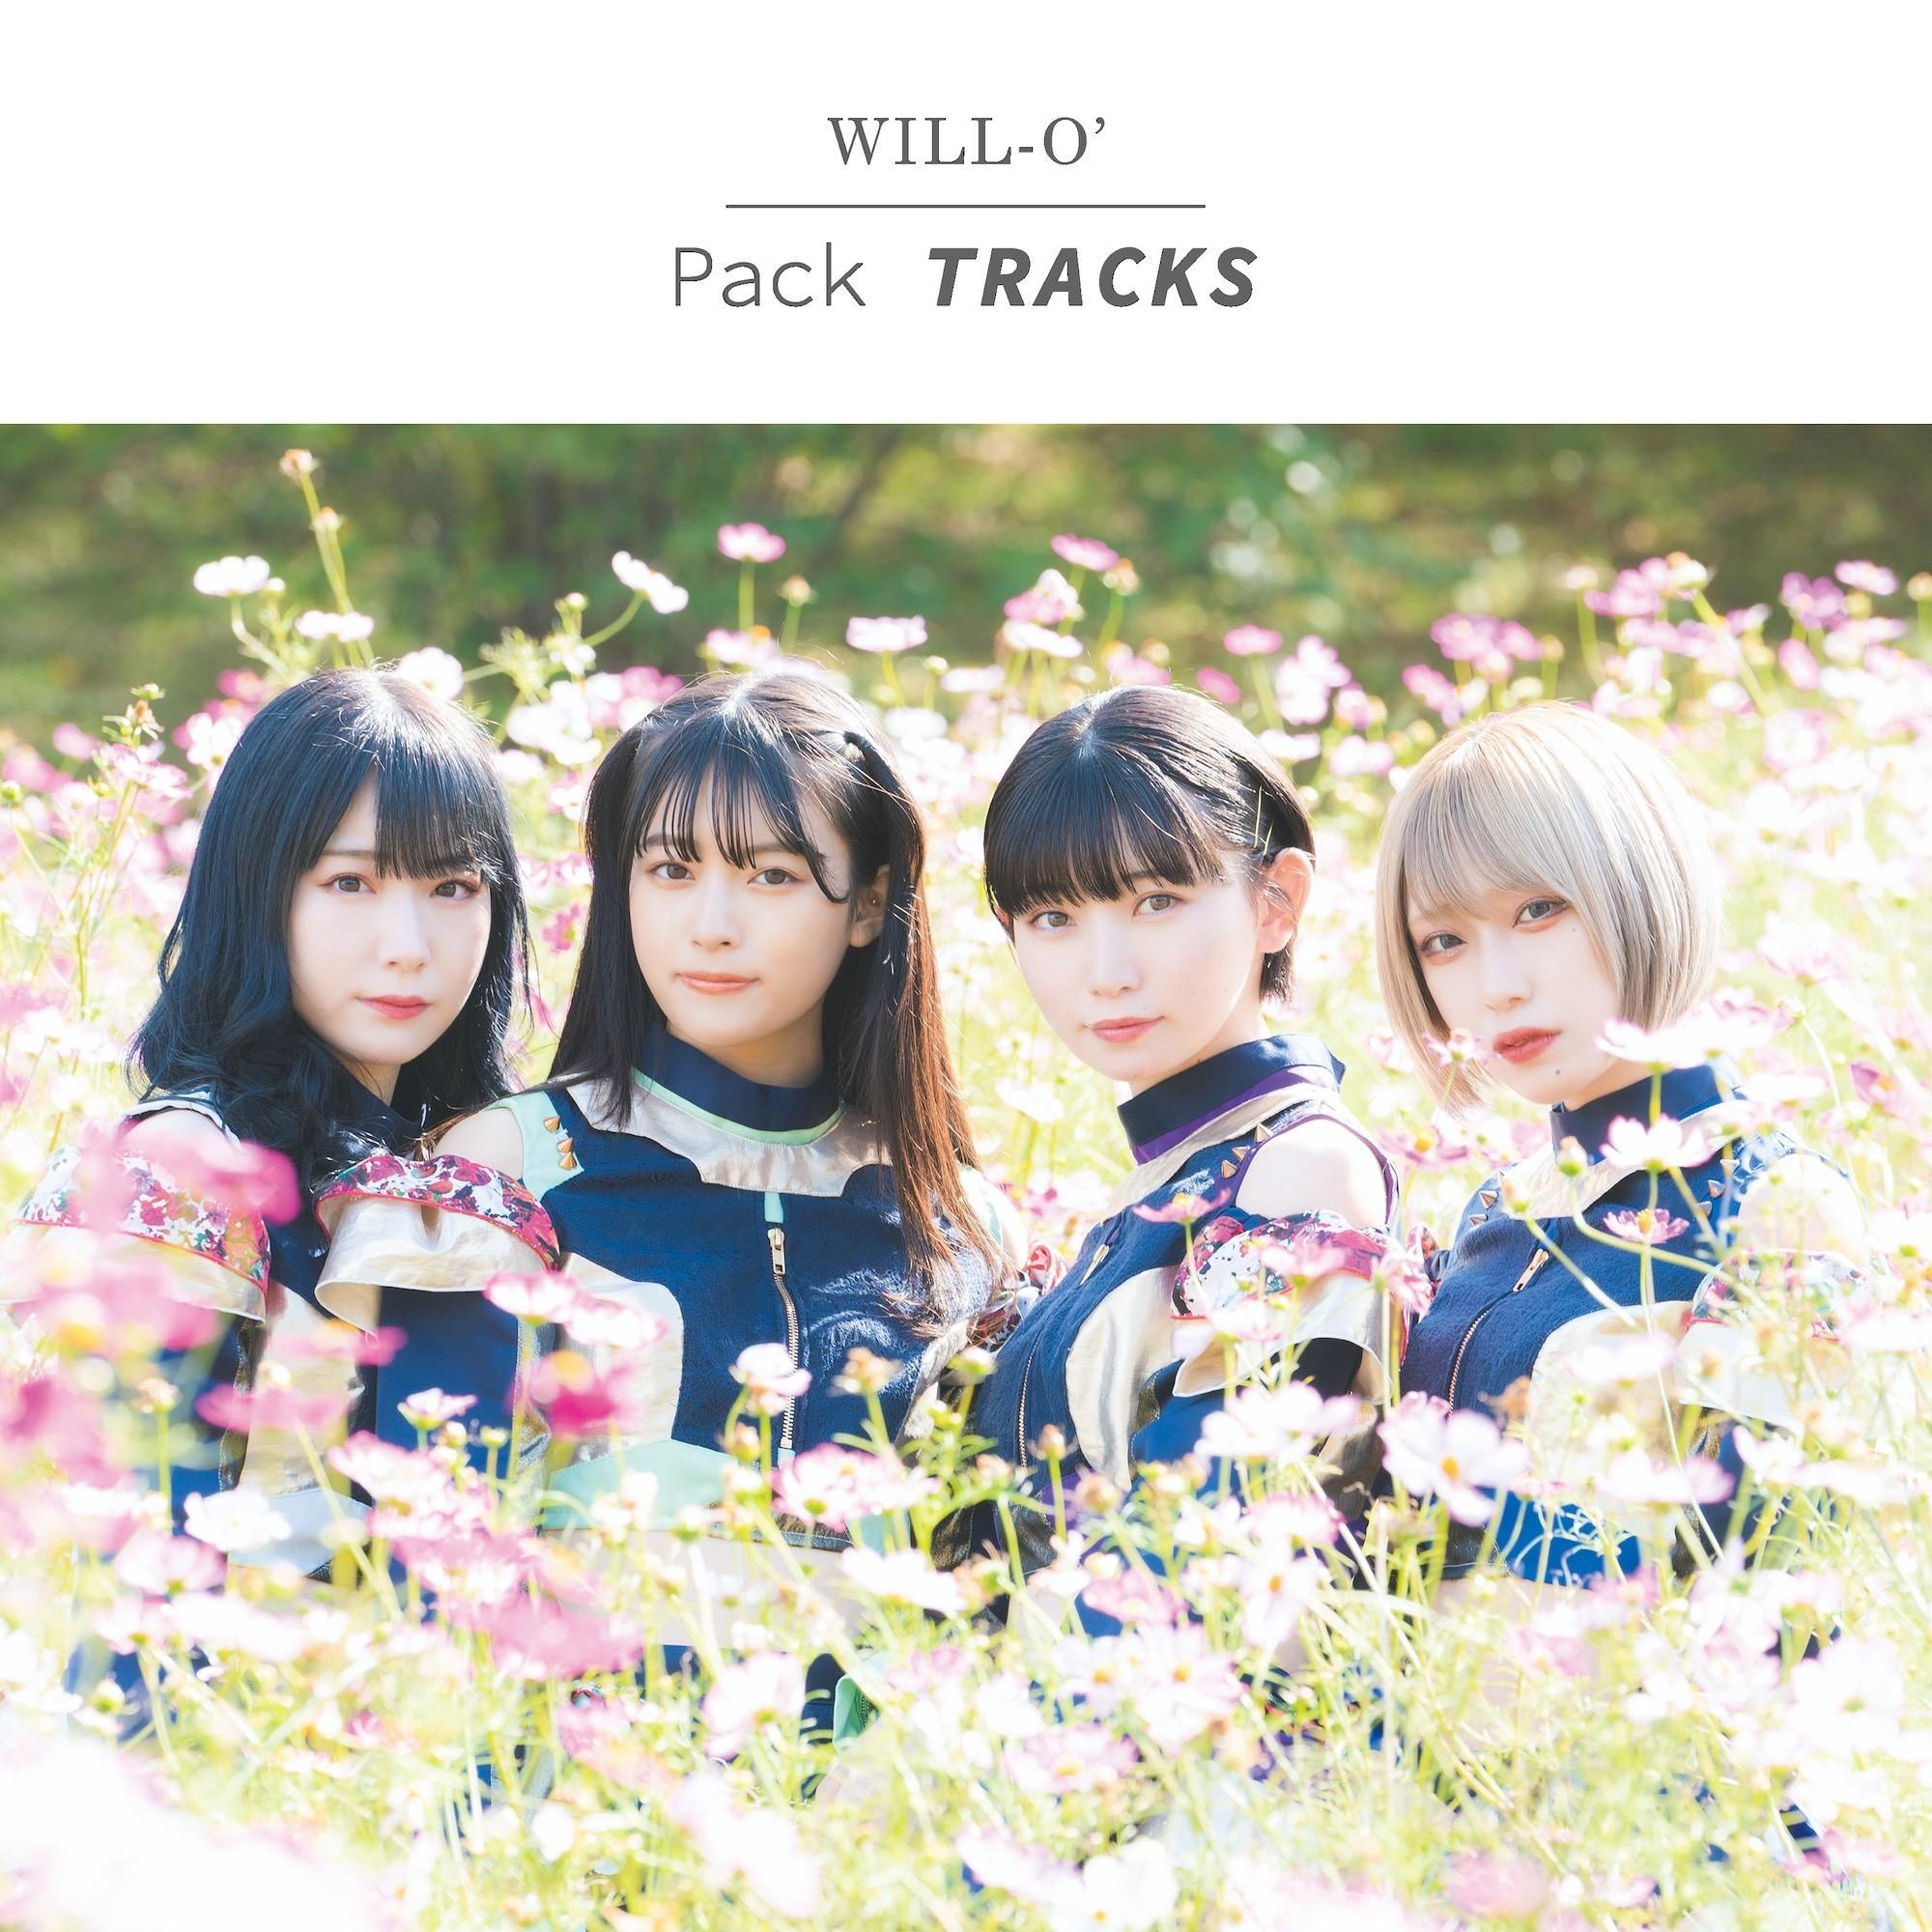 Pack TRACKS